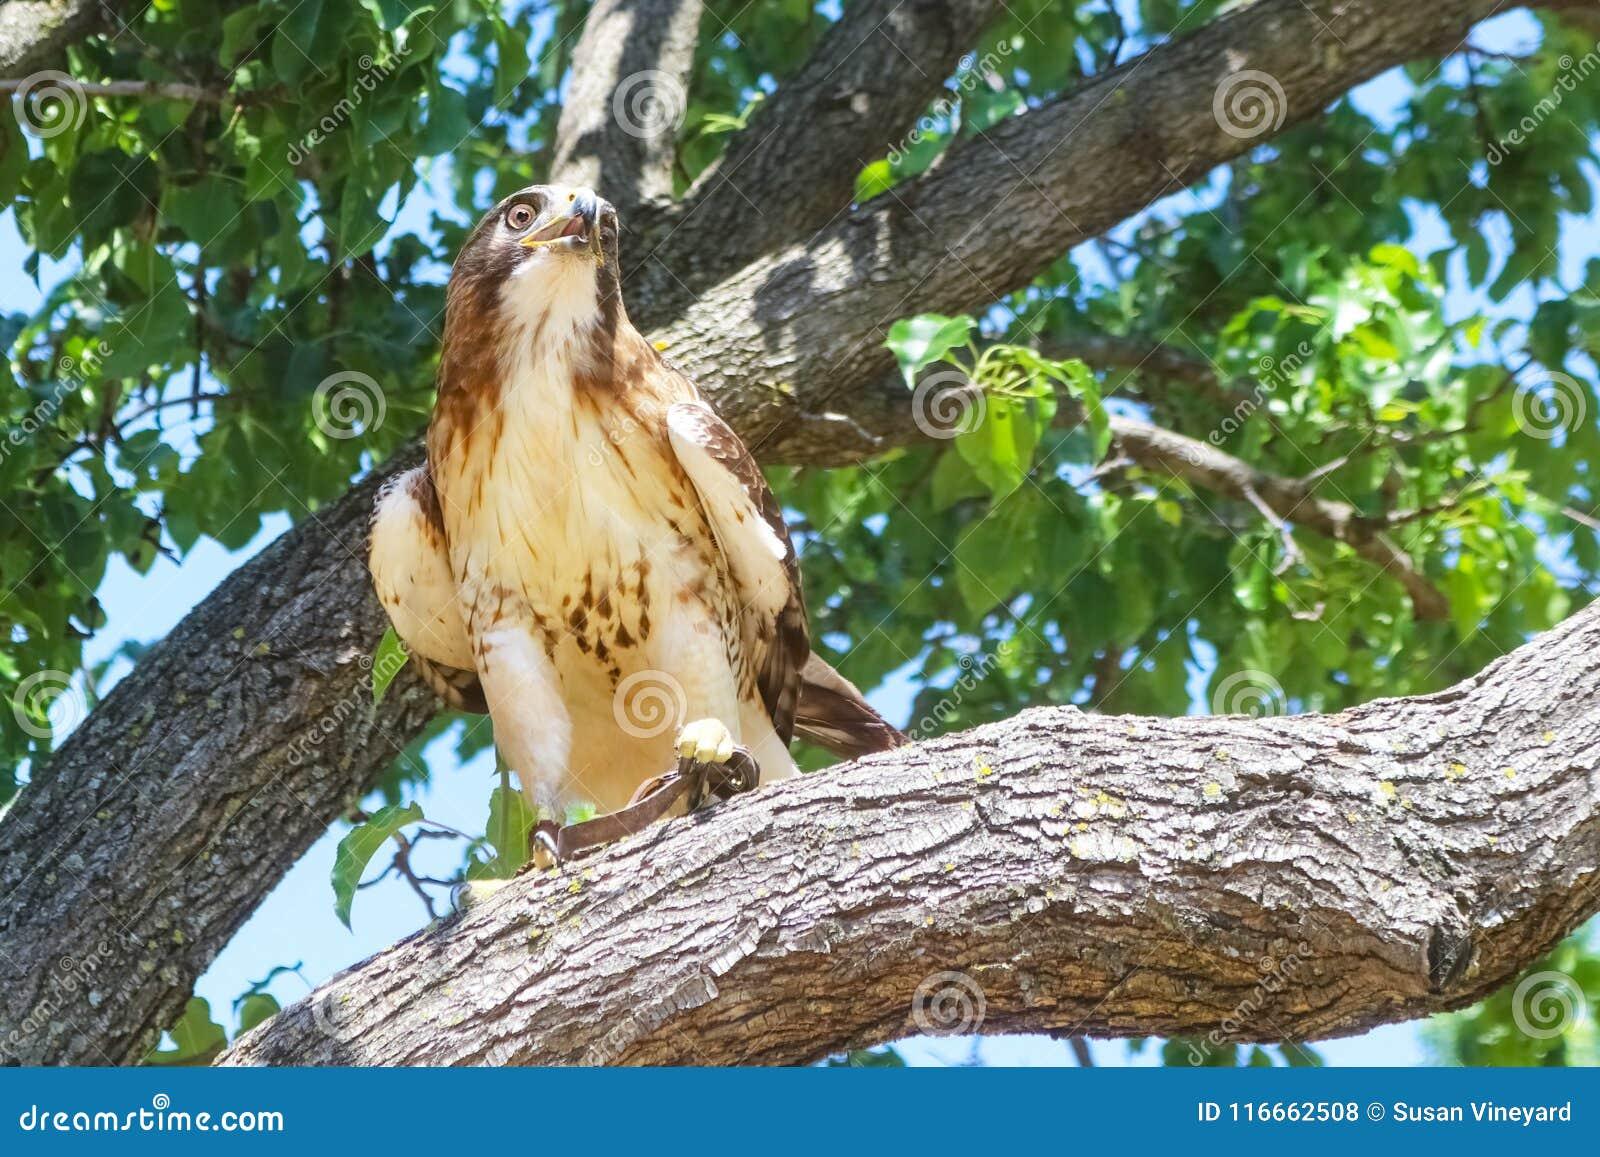 O falcão treinado com os jesses de couro que ligam os pés empoleirou-se em uma árvore